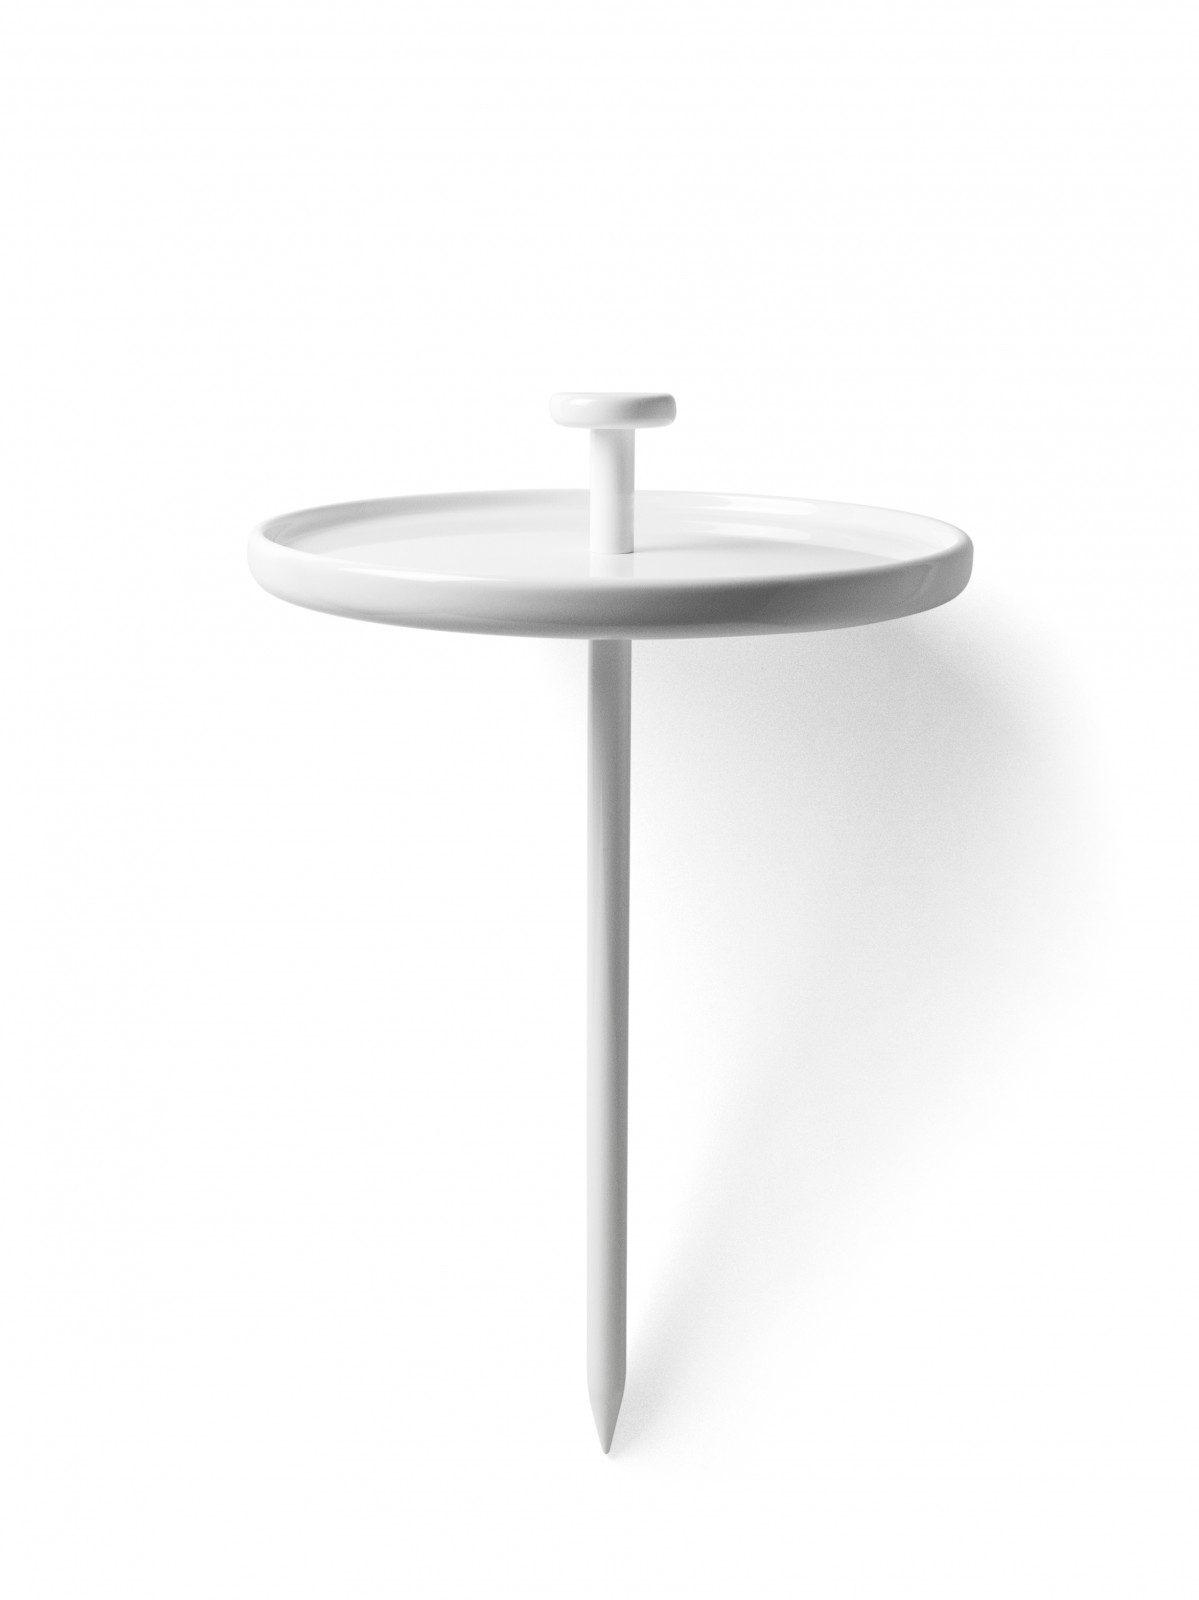 menu pin table beistelltisch rund tragbar tisch. Black Bedroom Furniture Sets. Home Design Ideas